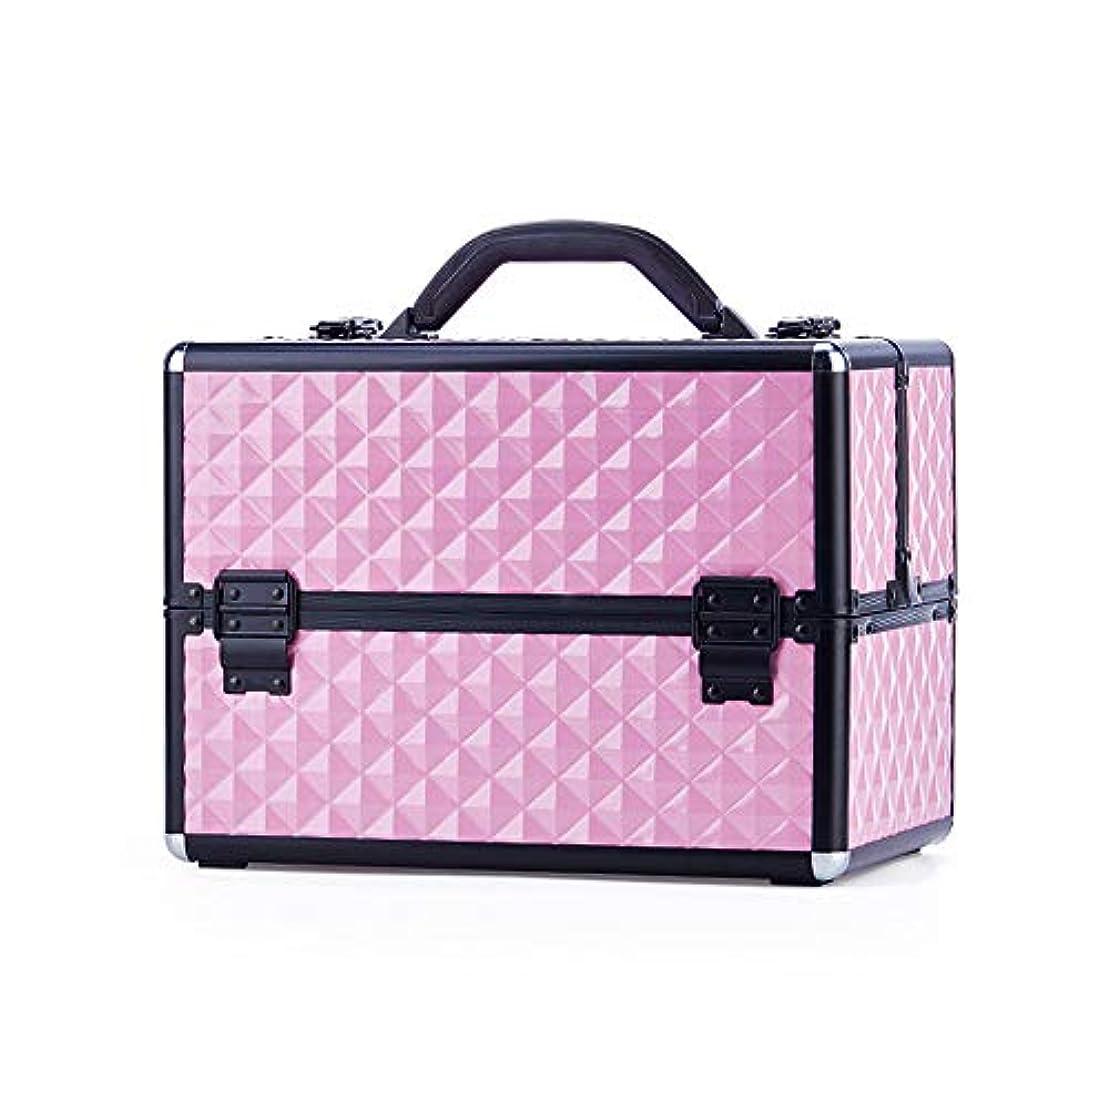 腐敗煩わしい爆発する特大スペース収納ビューティーボックス 美の構造のためそしてジッパーおよび折る皿が付いている女の子の女性旅行そして毎日の貯蔵のための高容量の携帯用化粧品袋 化粧品化粧台 (色 : ピンク)